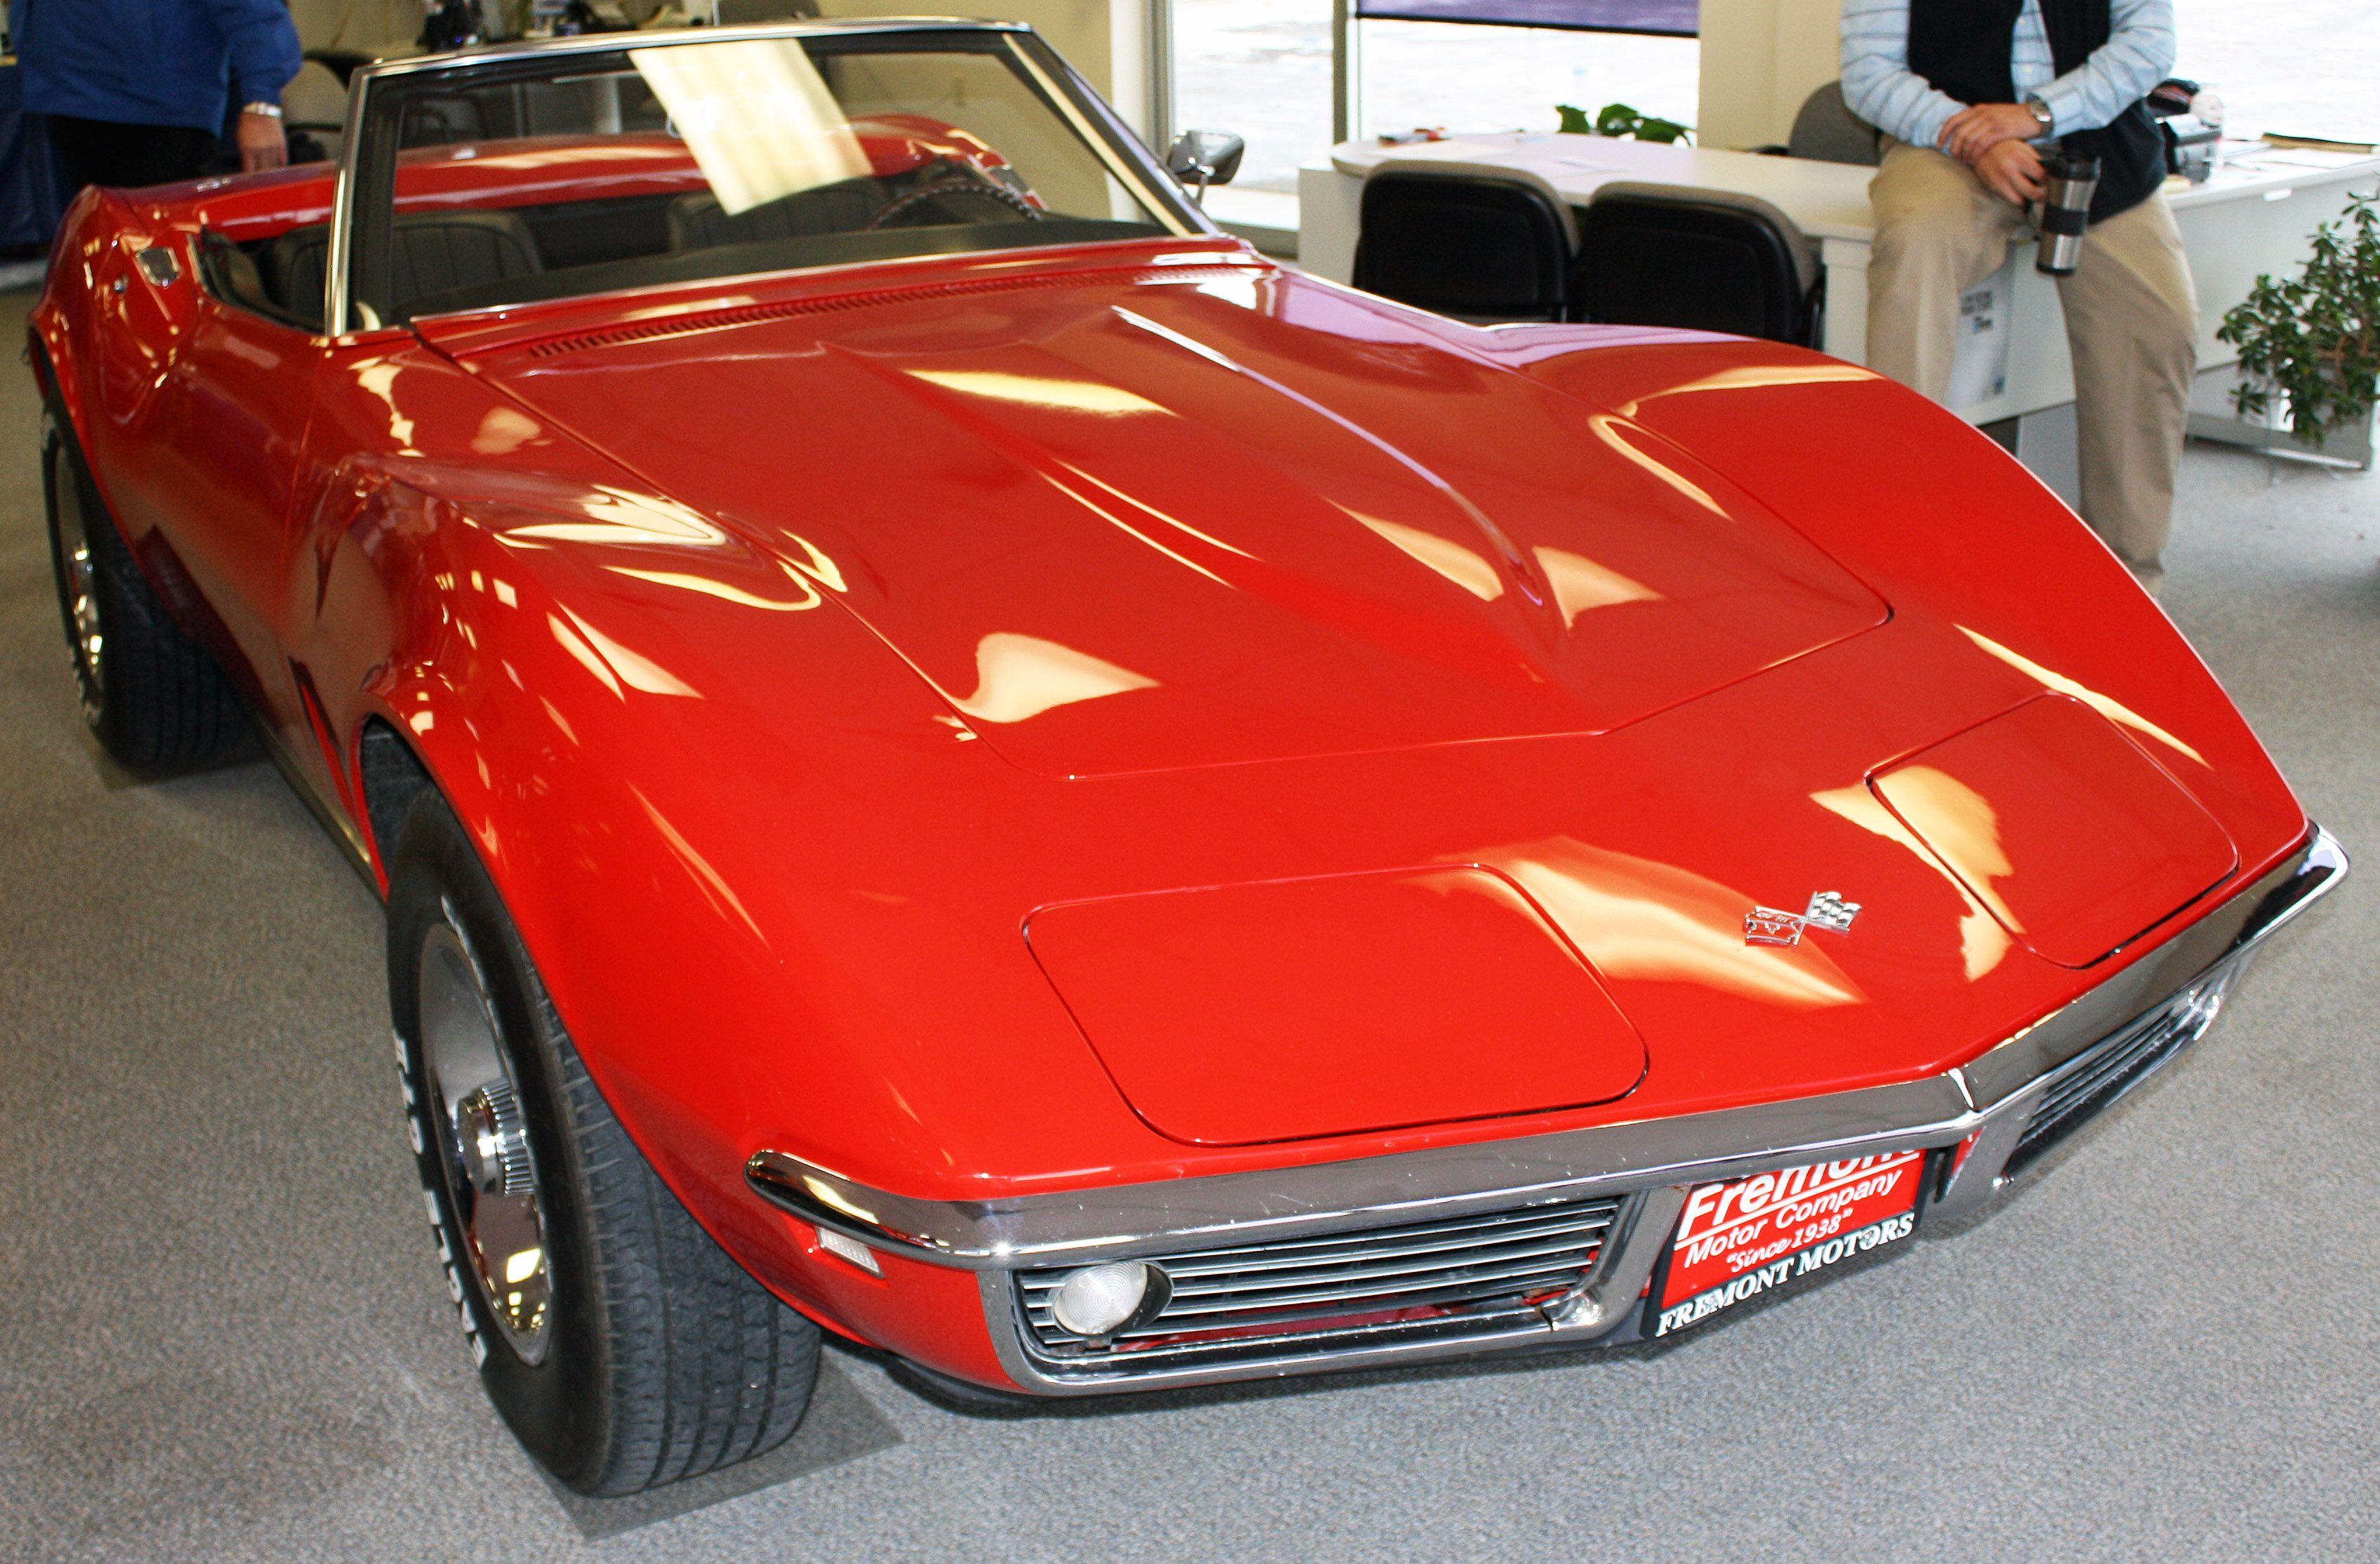 1968 Corvette Rf Qtr 1 7 2011 C Philip Abromats Creative